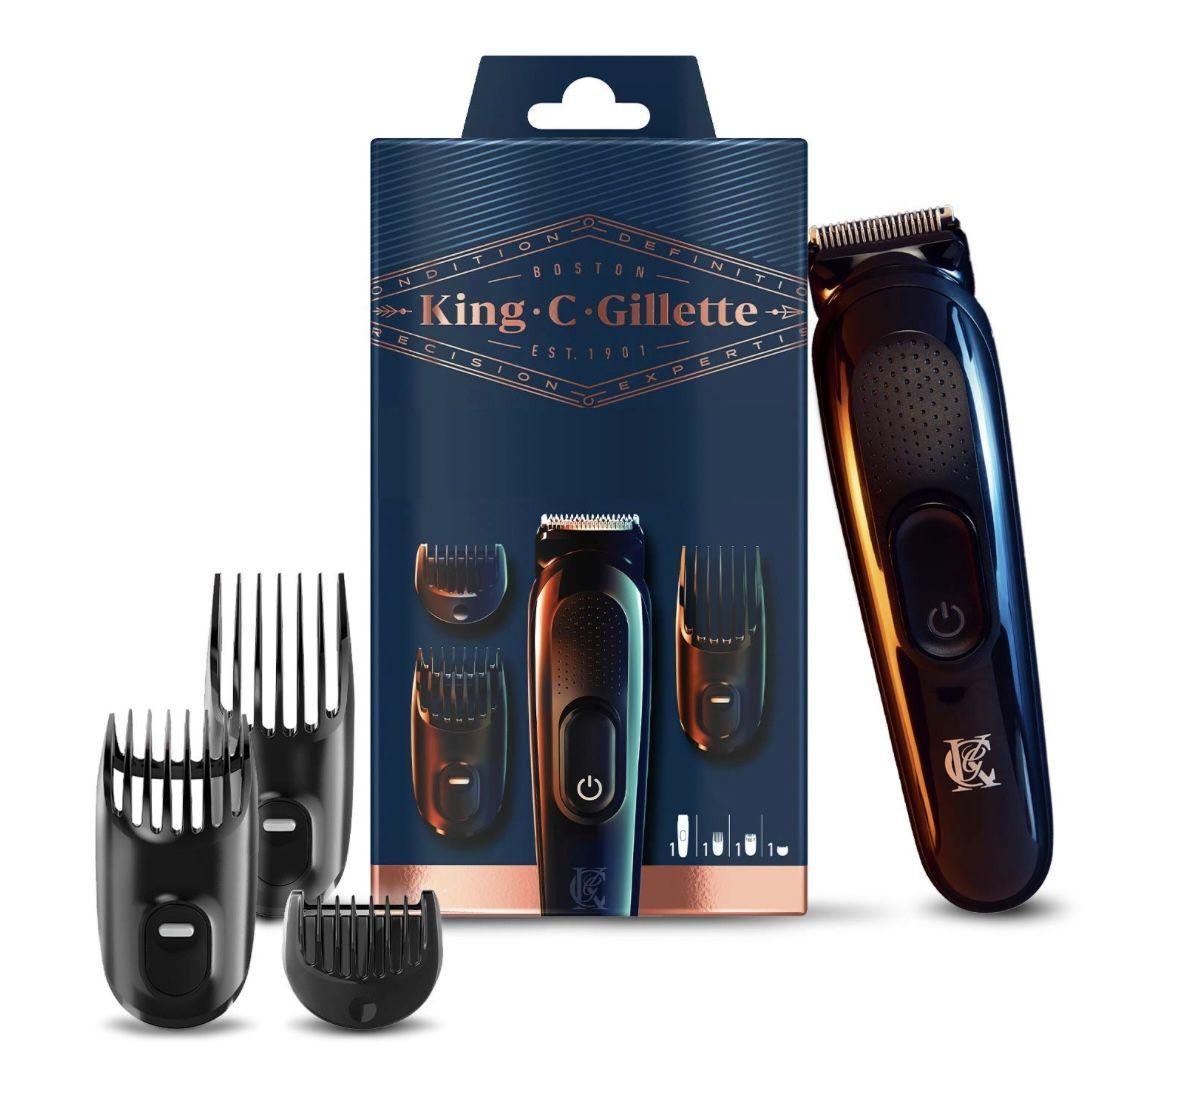 King C. Gillette kabelloser Barttrimmer + 3 Aufsätzen für 21,40€ (statt 35€)